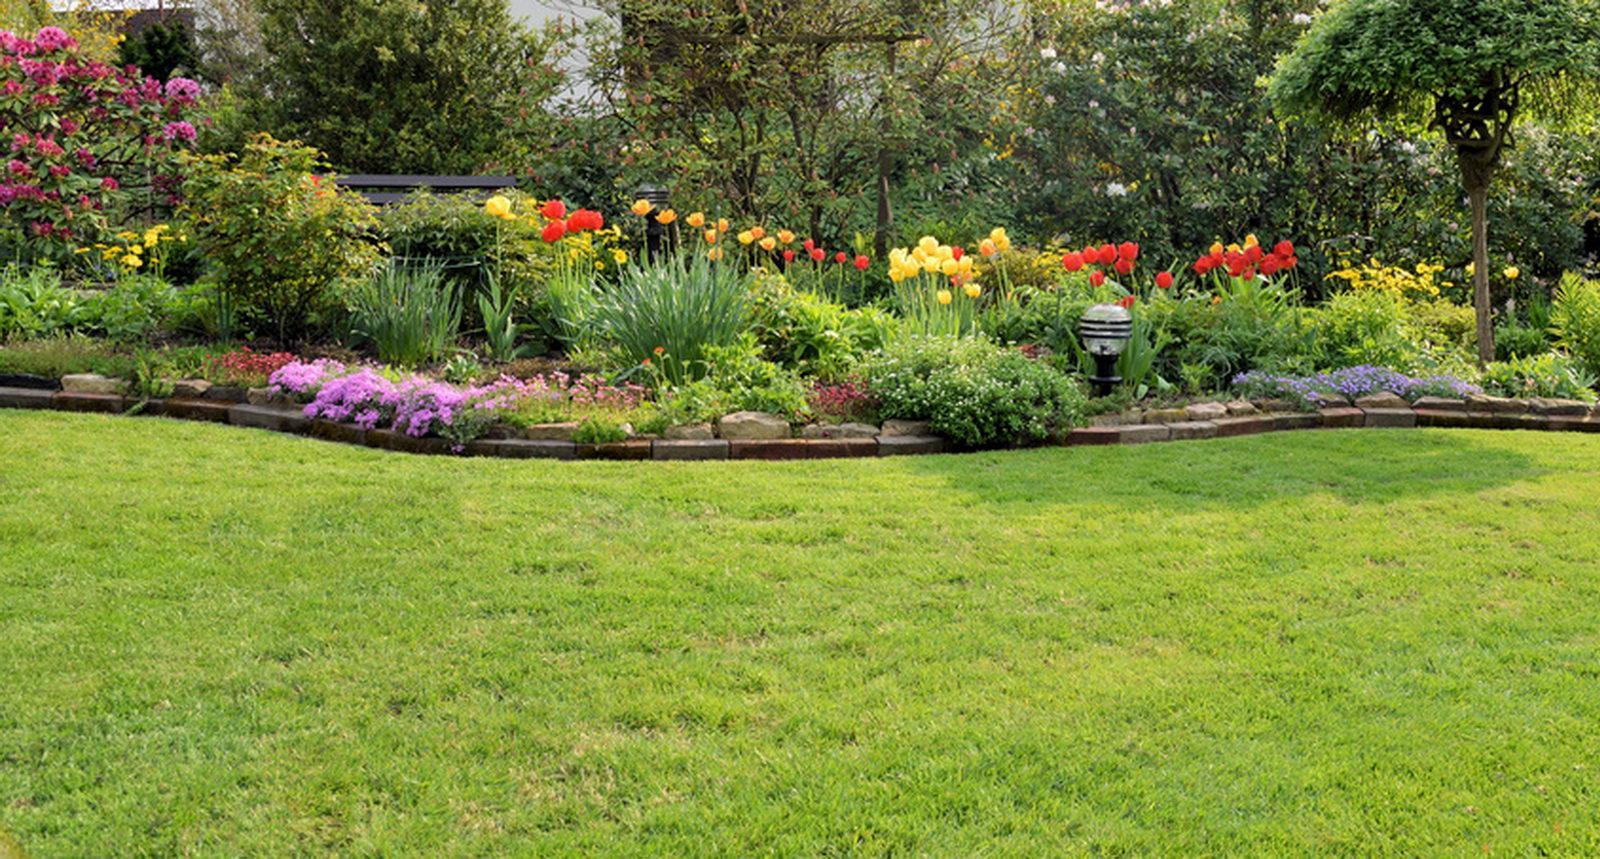 Les jardins de maxime maxime grogna genval entretien for Entretien jardin le relecq kerhuon